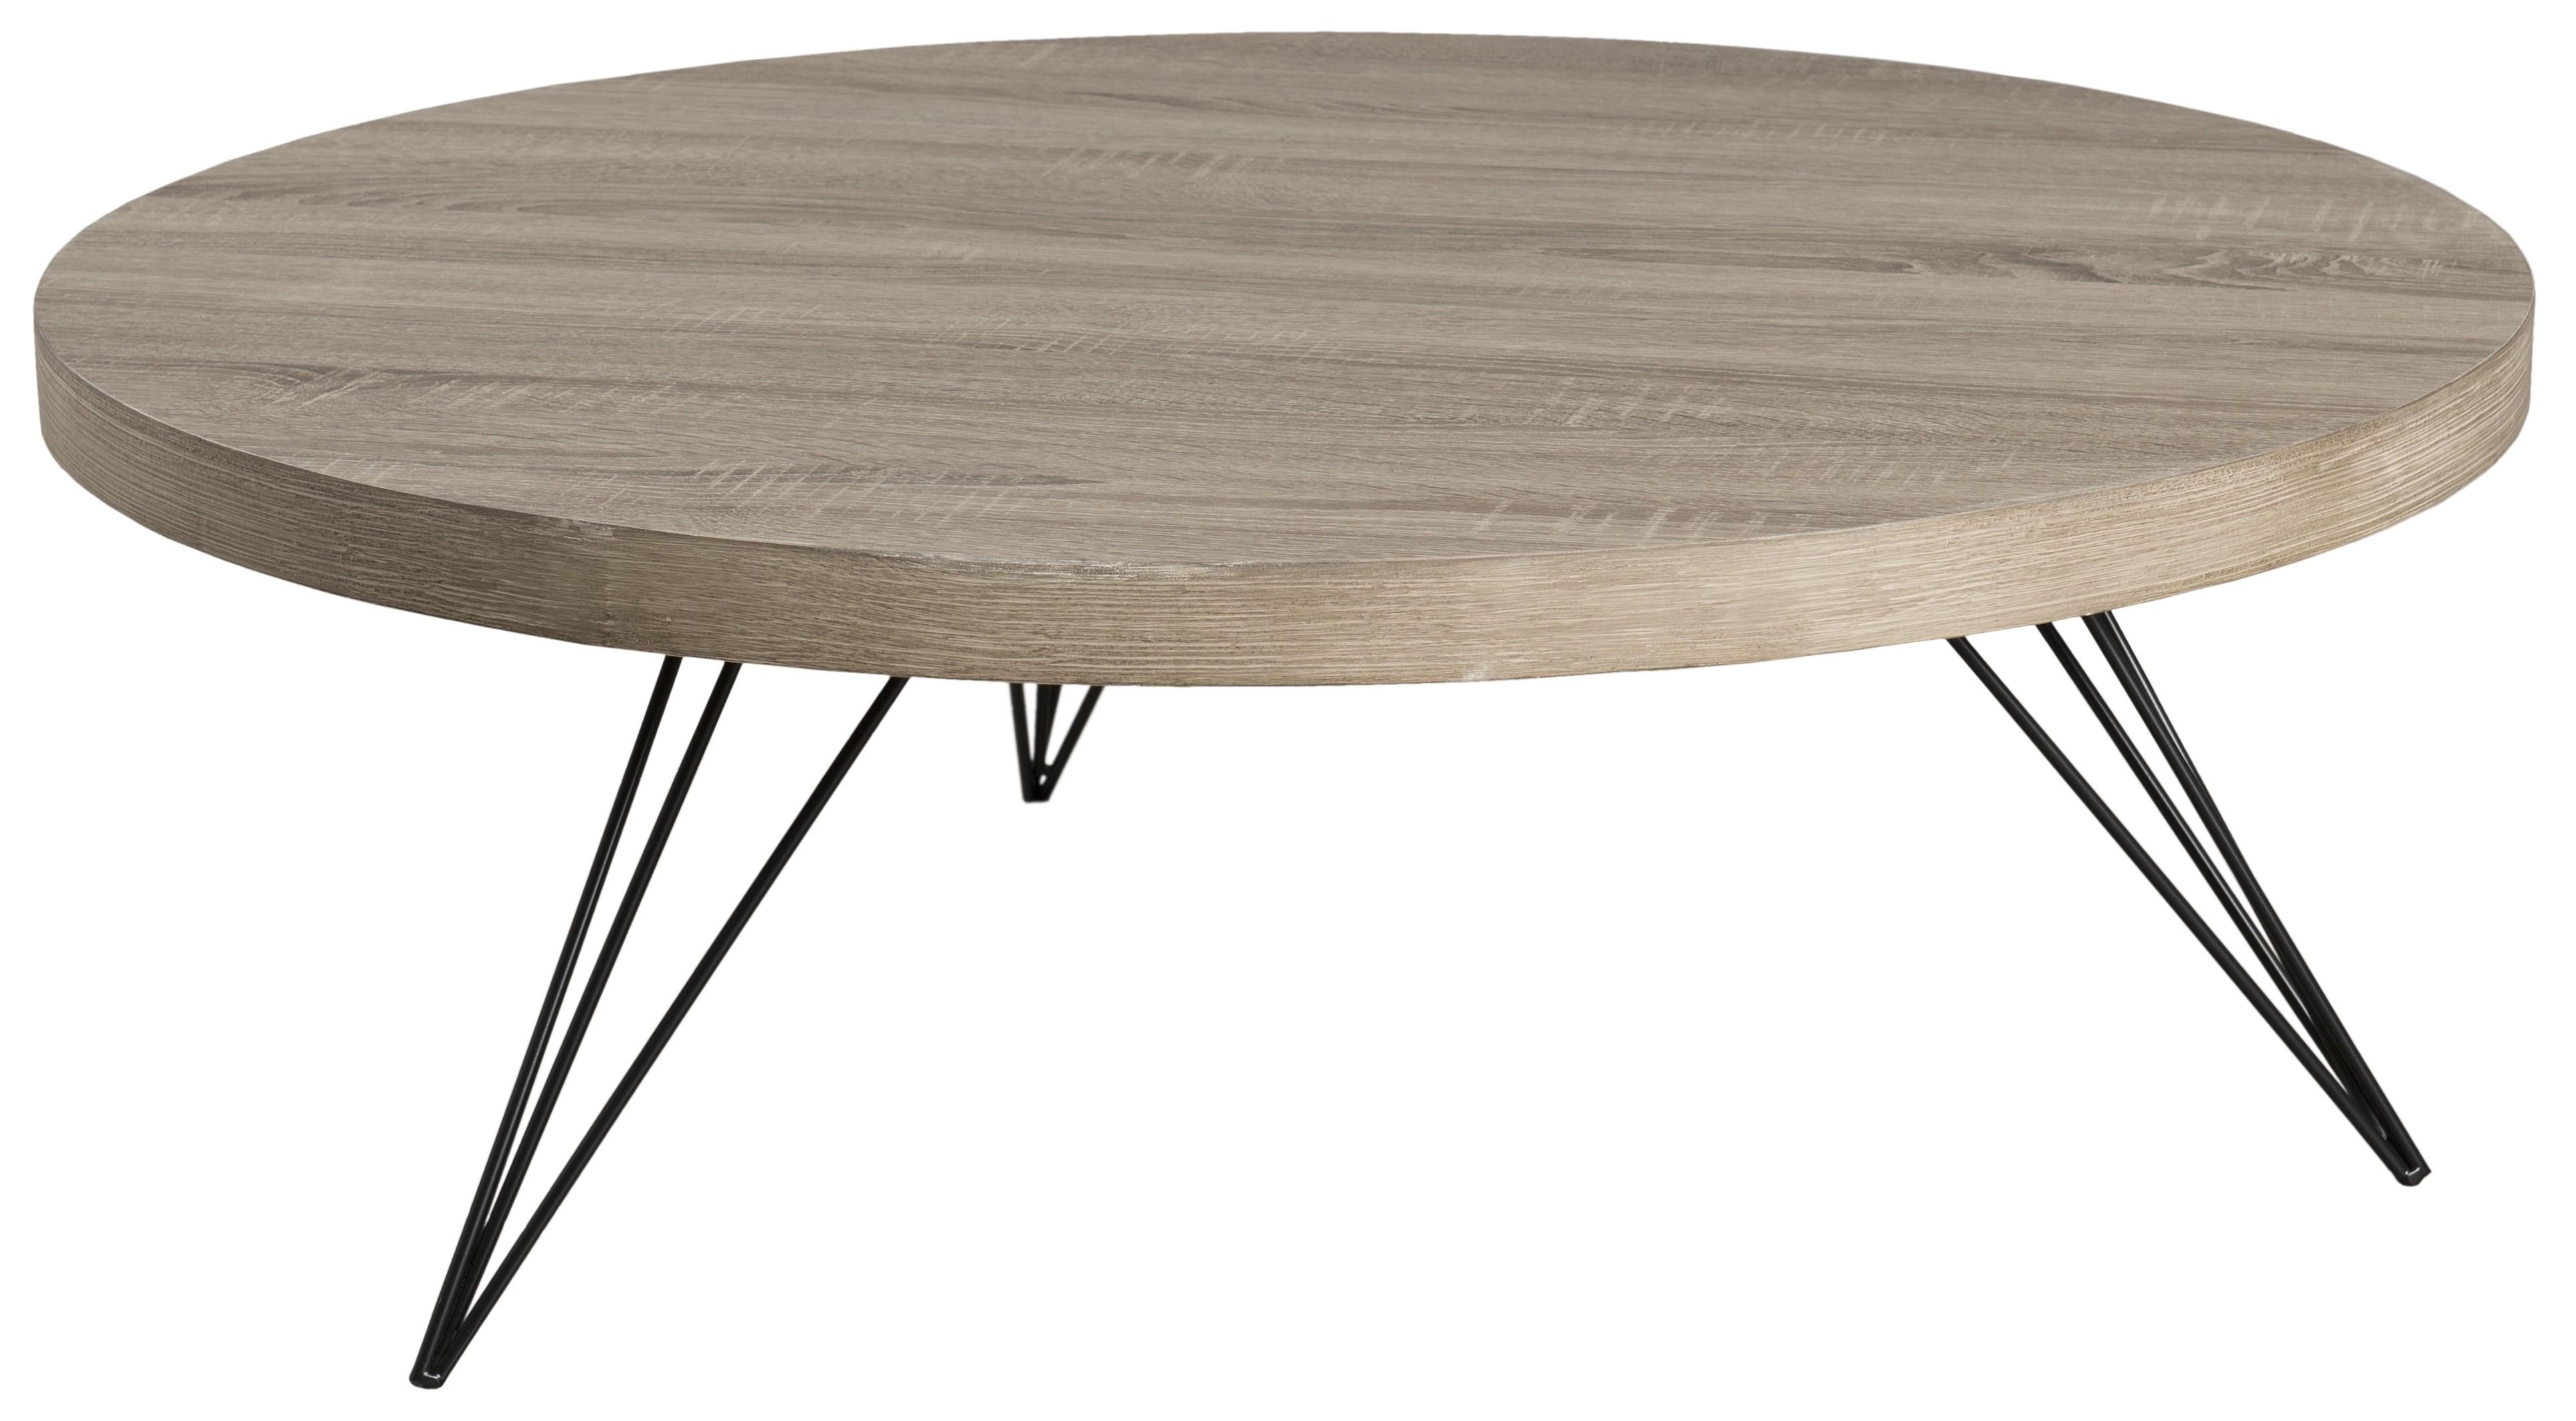 Table basse ronde bois et fer